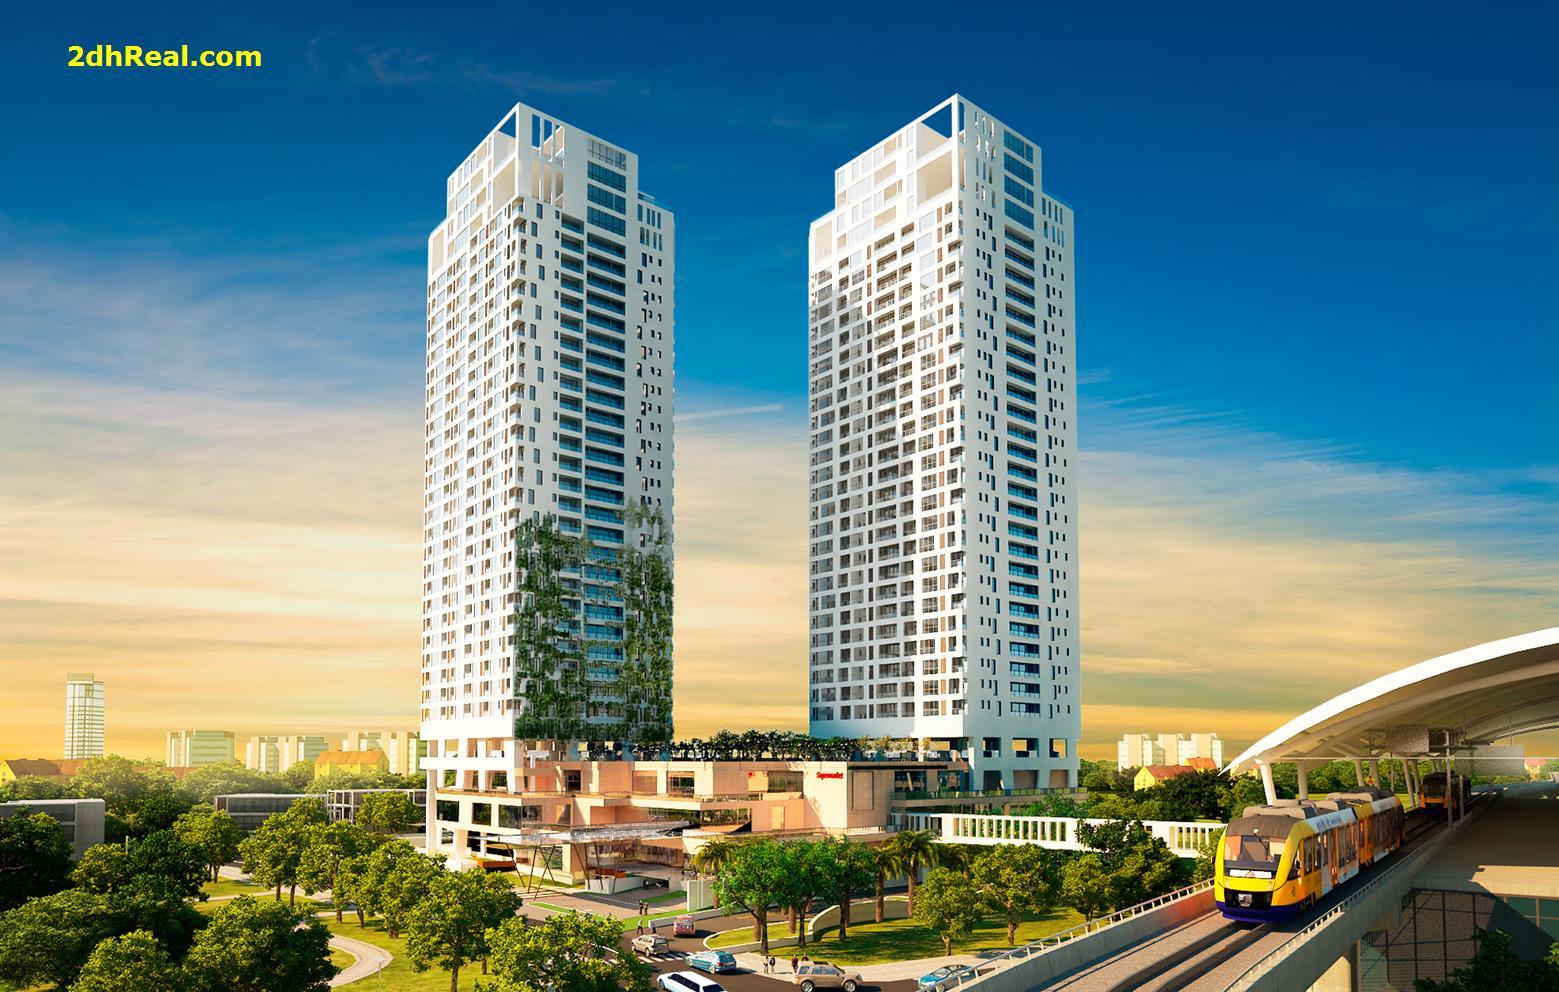 Bán dự án chung cư 8.277,8m2 số 2 Trần Não, phường Bình An, quận 2, Tp.HCM